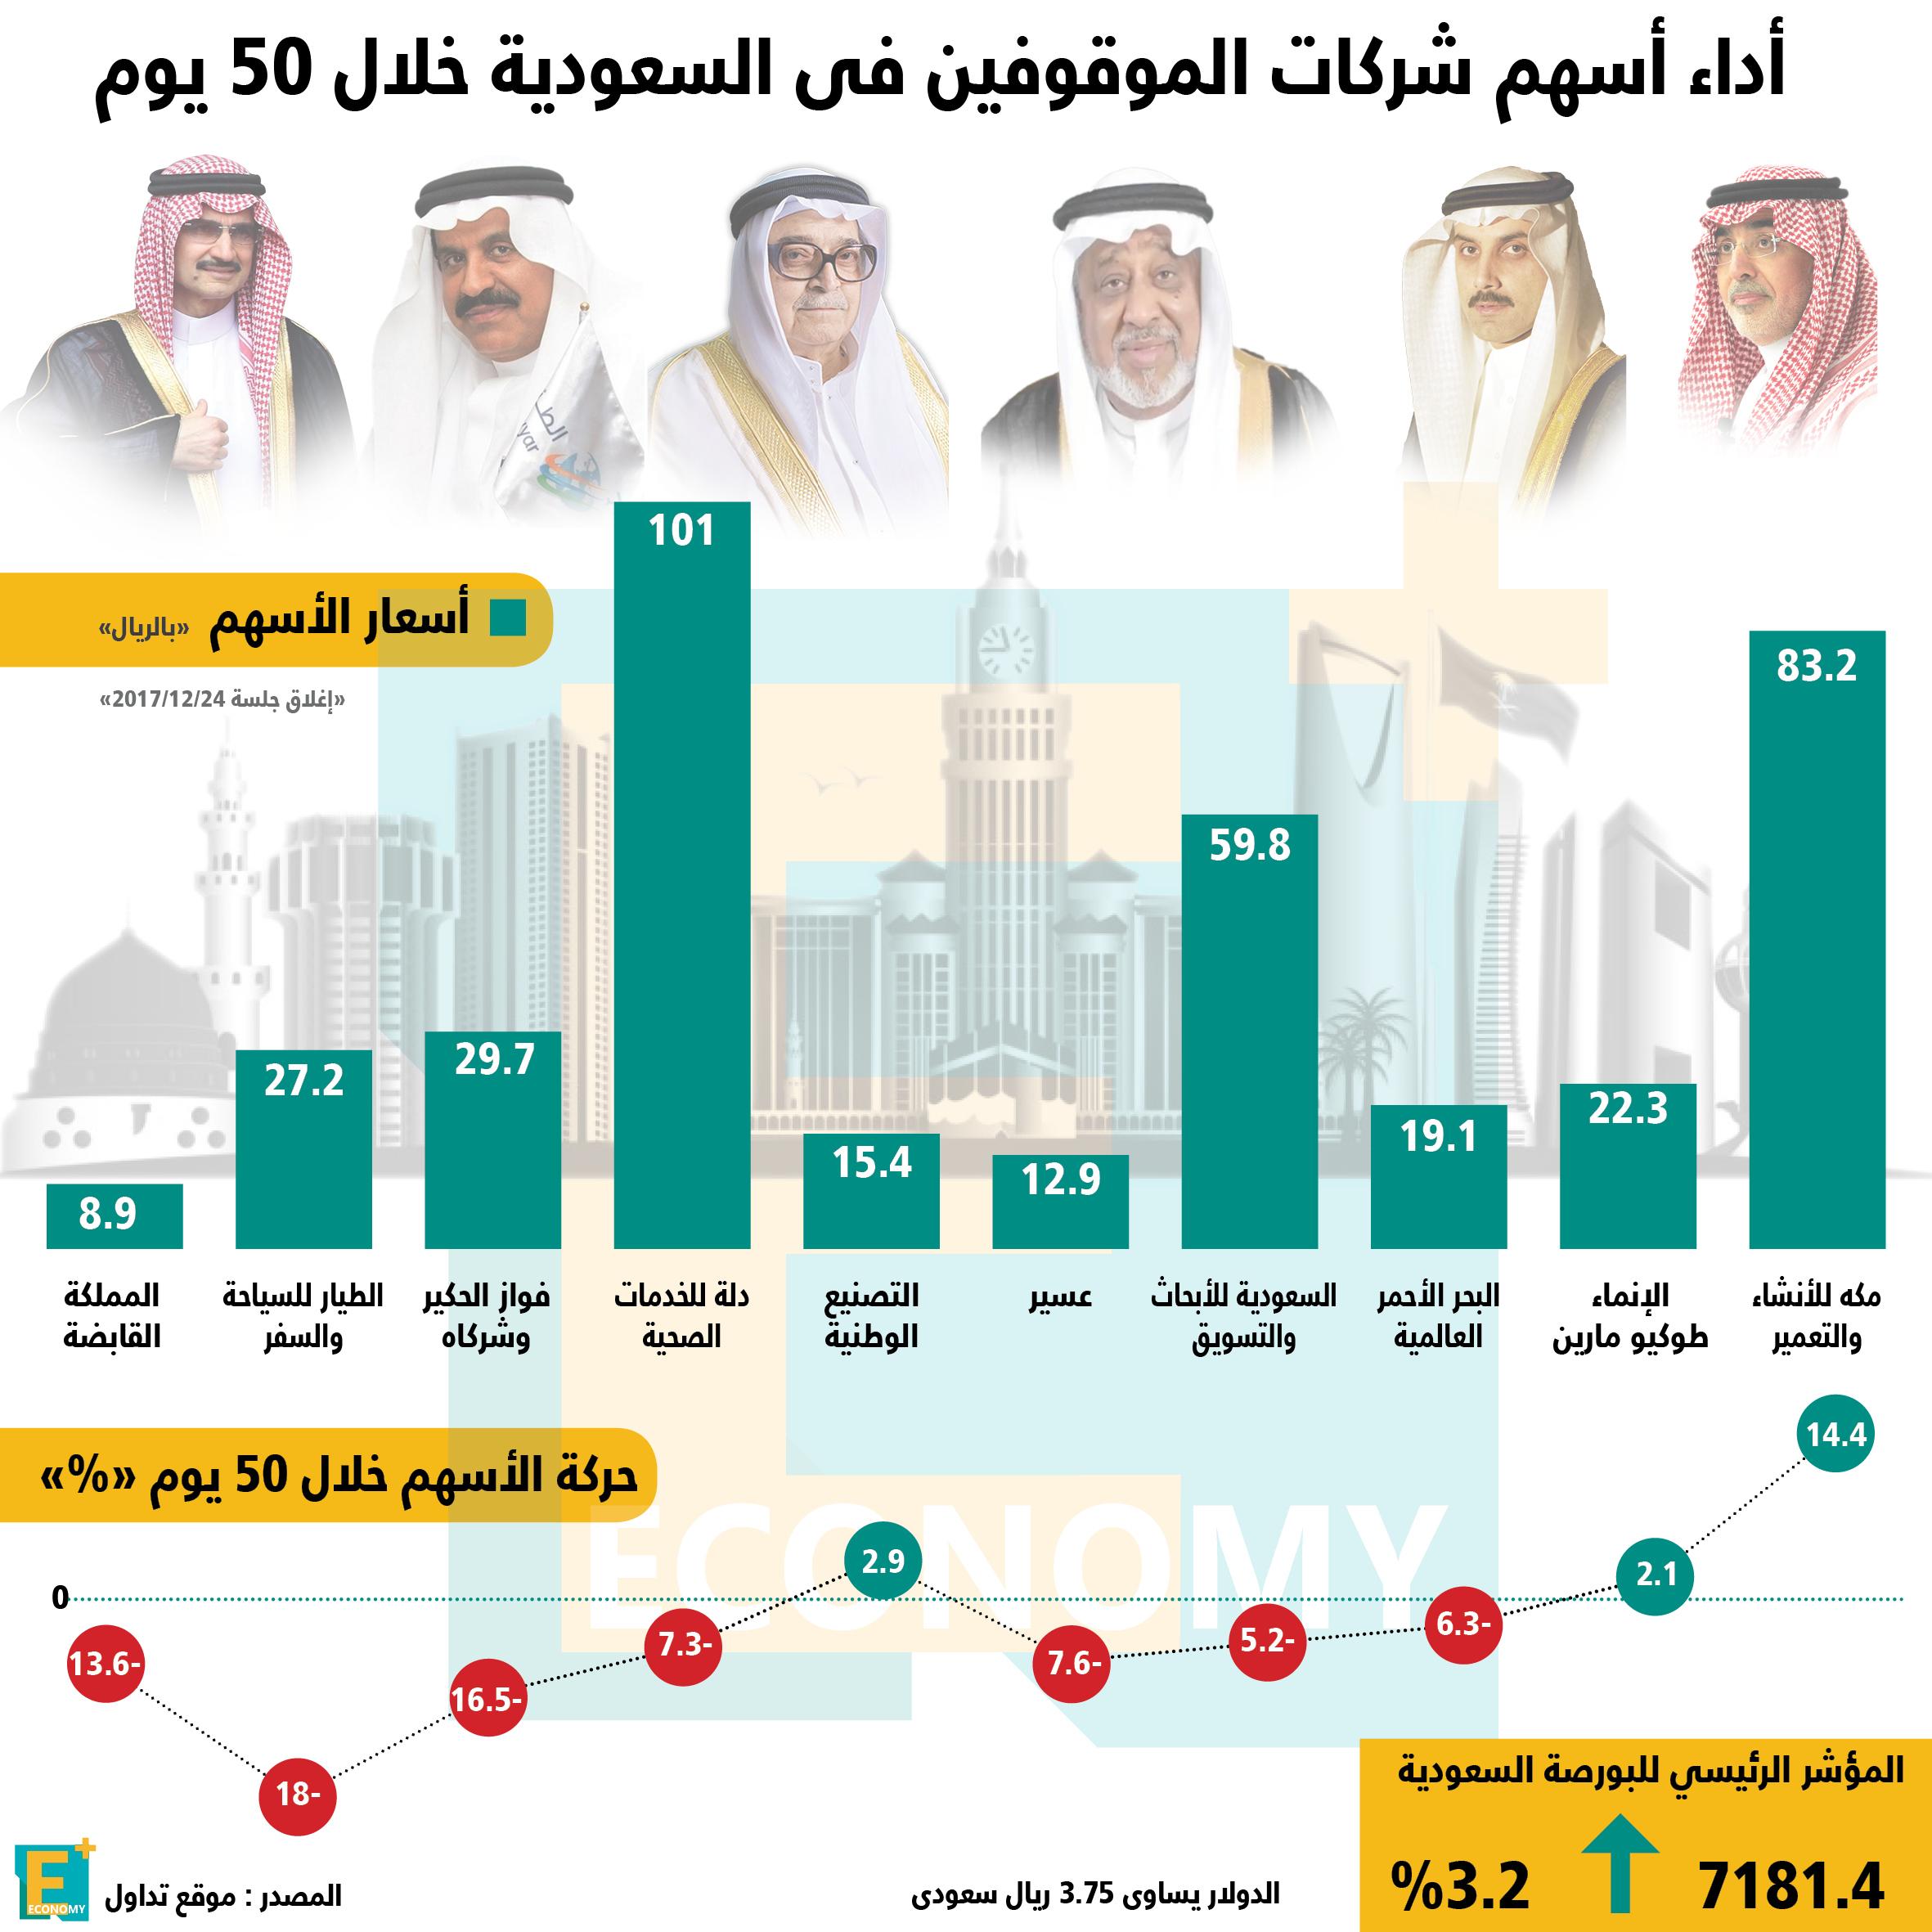 أداء أسهم شركات رجال الأعمال الموقفين بالسعودية خلال 50 يوما